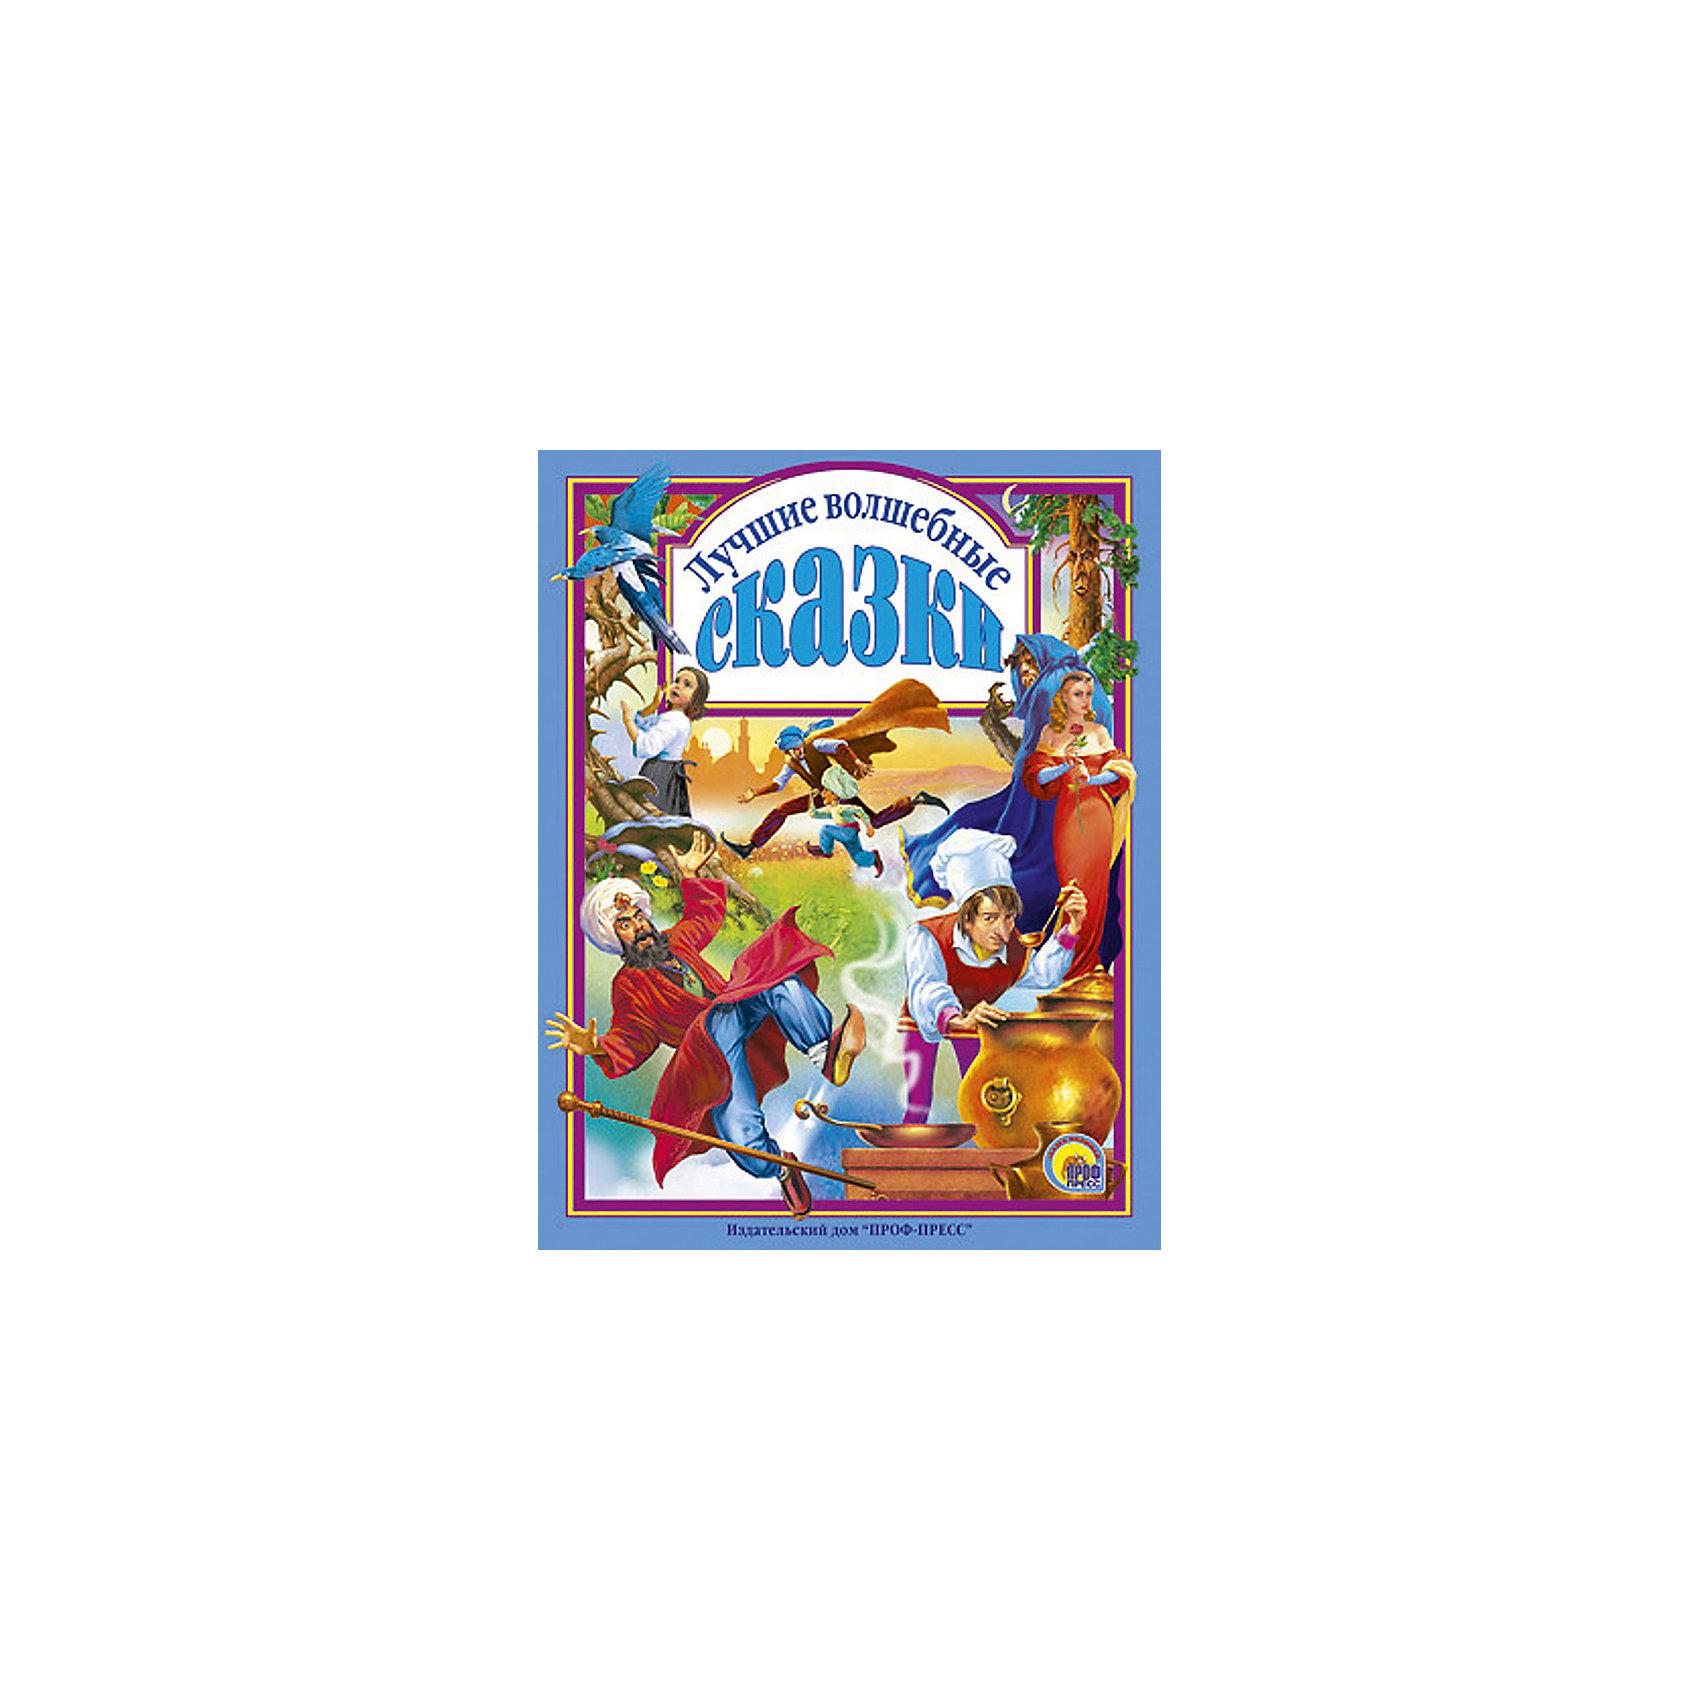 Лучшие волшебные сказки, Ш. Перро, В. Гауф и дрШарль Перро<br>Данная серия собрала сказки, проверенные многими поколениями, которые понравятся и современным детям. Книги - это лучший подарок не только взрослым, они помогают детям познавать мир и учиться читать, также книги позволяют ребенку весело проводить время. Они также стимулируют развитие воображения, логики и творческого мышления.<br>Это издание очень красиво оформлено, в него вошли самые интересные сказки  Ш. Перро, <br>Х. К. Андерсена, братьев Гримм, В. Гауфа, М.Метерлинка.  Яркие картинки обязательно понравятся малышам! Книга сделана из качественных и безопасных для детей материалов.<br> Содержание: <br>«Белоснежка и семь гномов»<br>«Красавица и чудовище»<br>«Карлик Нос»<br>«Волшебная лампа Аладдина<br>«Синяя птица»<br>«Маленький Мук»<br>«Зимняя сказка»<br>  <br>Дополнительная информация:<br>размер: 200х265 мм;<br>вес: 441 г.<br>Книгу Лучшие волшебные сказки, Ш. Перро, В. Гауф и др от издательства Проф-Пресс можно купить в нашем магазине.<br><br>Ширина мм: 200<br>Глубина мм: 13<br>Высота мм: 265<br>Вес г: 441<br>Возраст от месяцев: 0<br>Возраст до месяцев: 60<br>Пол: Унисекс<br>Возраст: Детский<br>SKU: 4787324